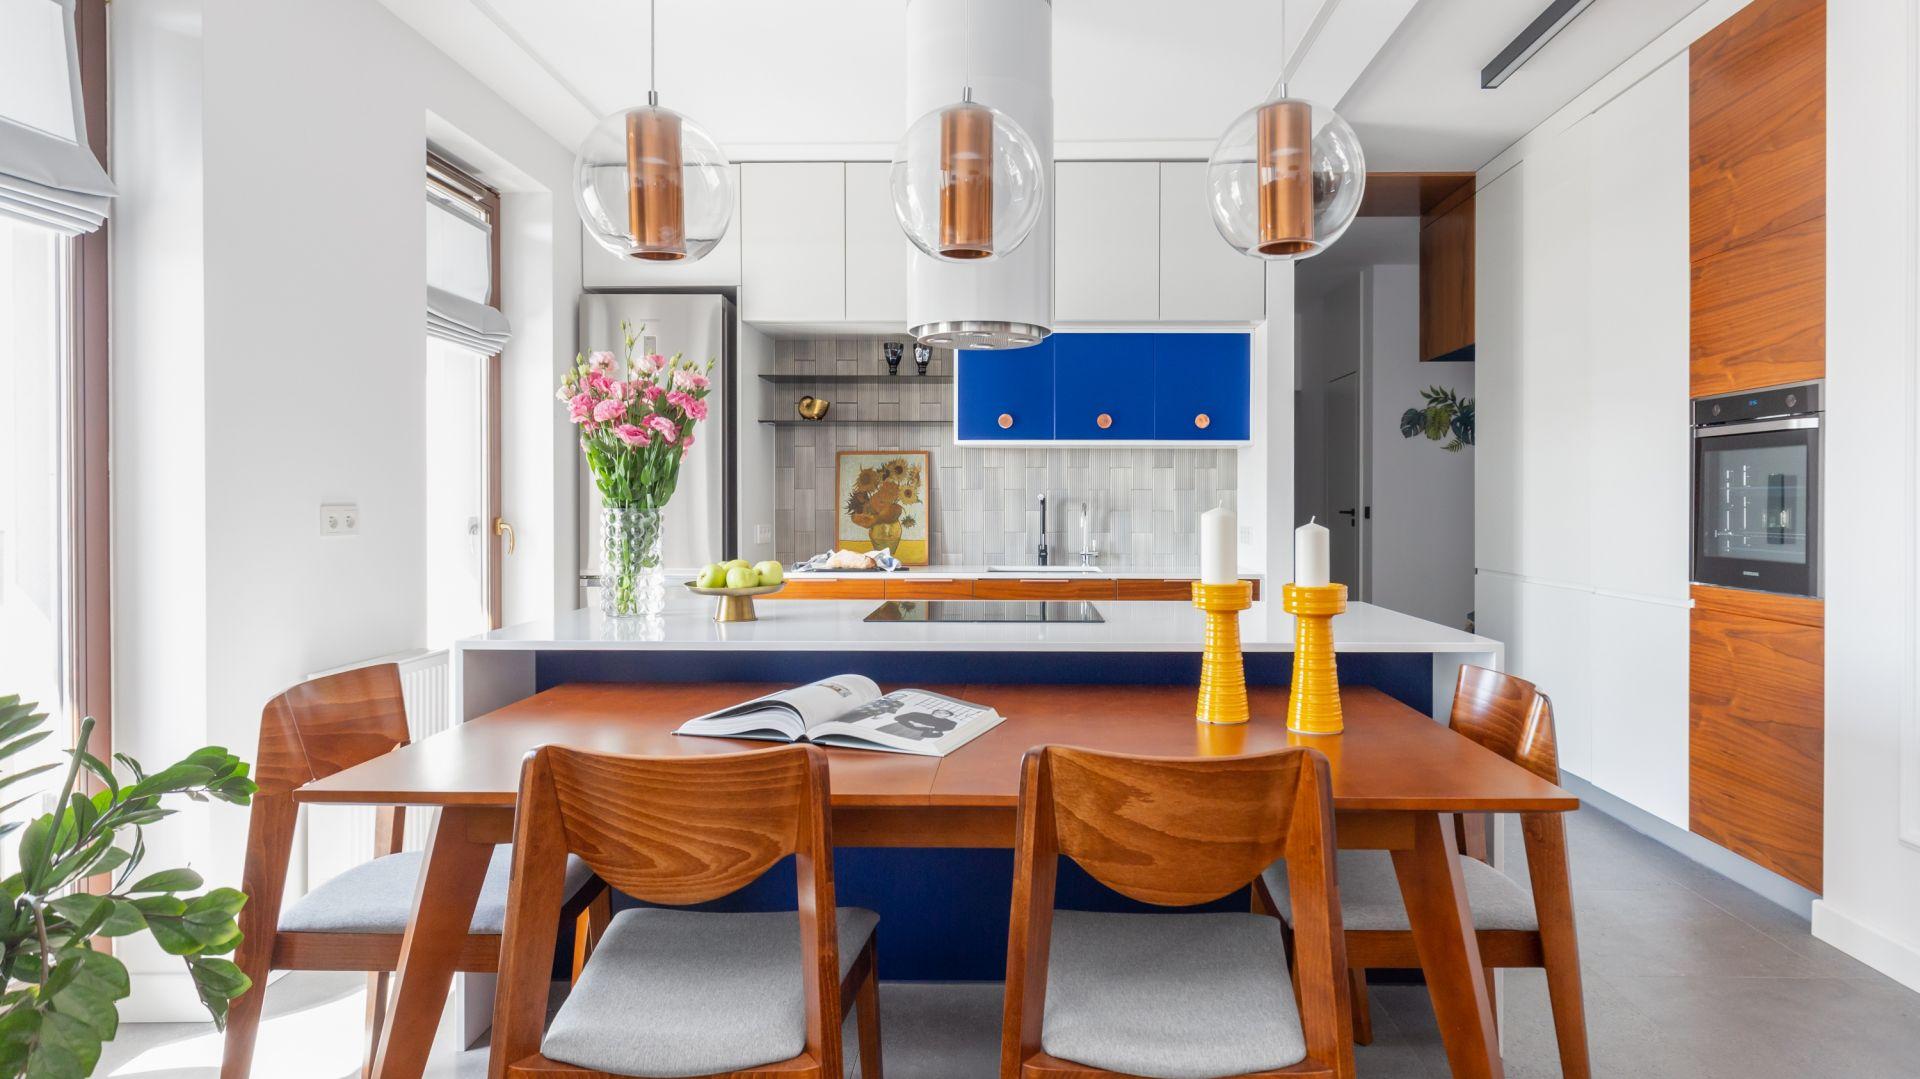 Trendy 2020: kuchnia w kolorze roku Classic blue. Projekt Joanna Rej. Fot. Pion Poziom